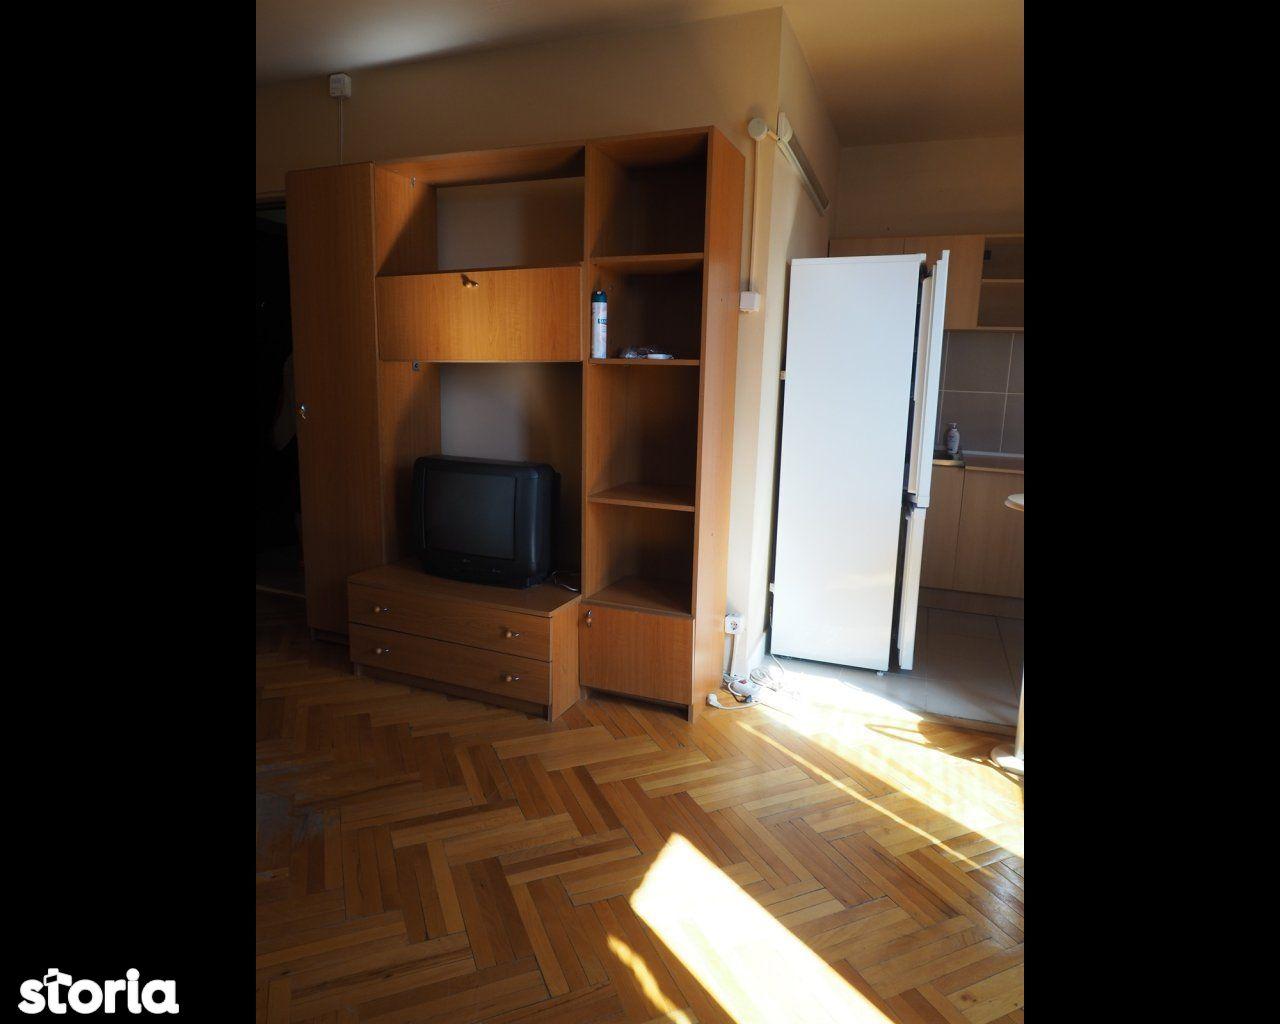 Apartament de vanzare, București (judet), Bulevardul Nicolae Grigorescu - Foto 5